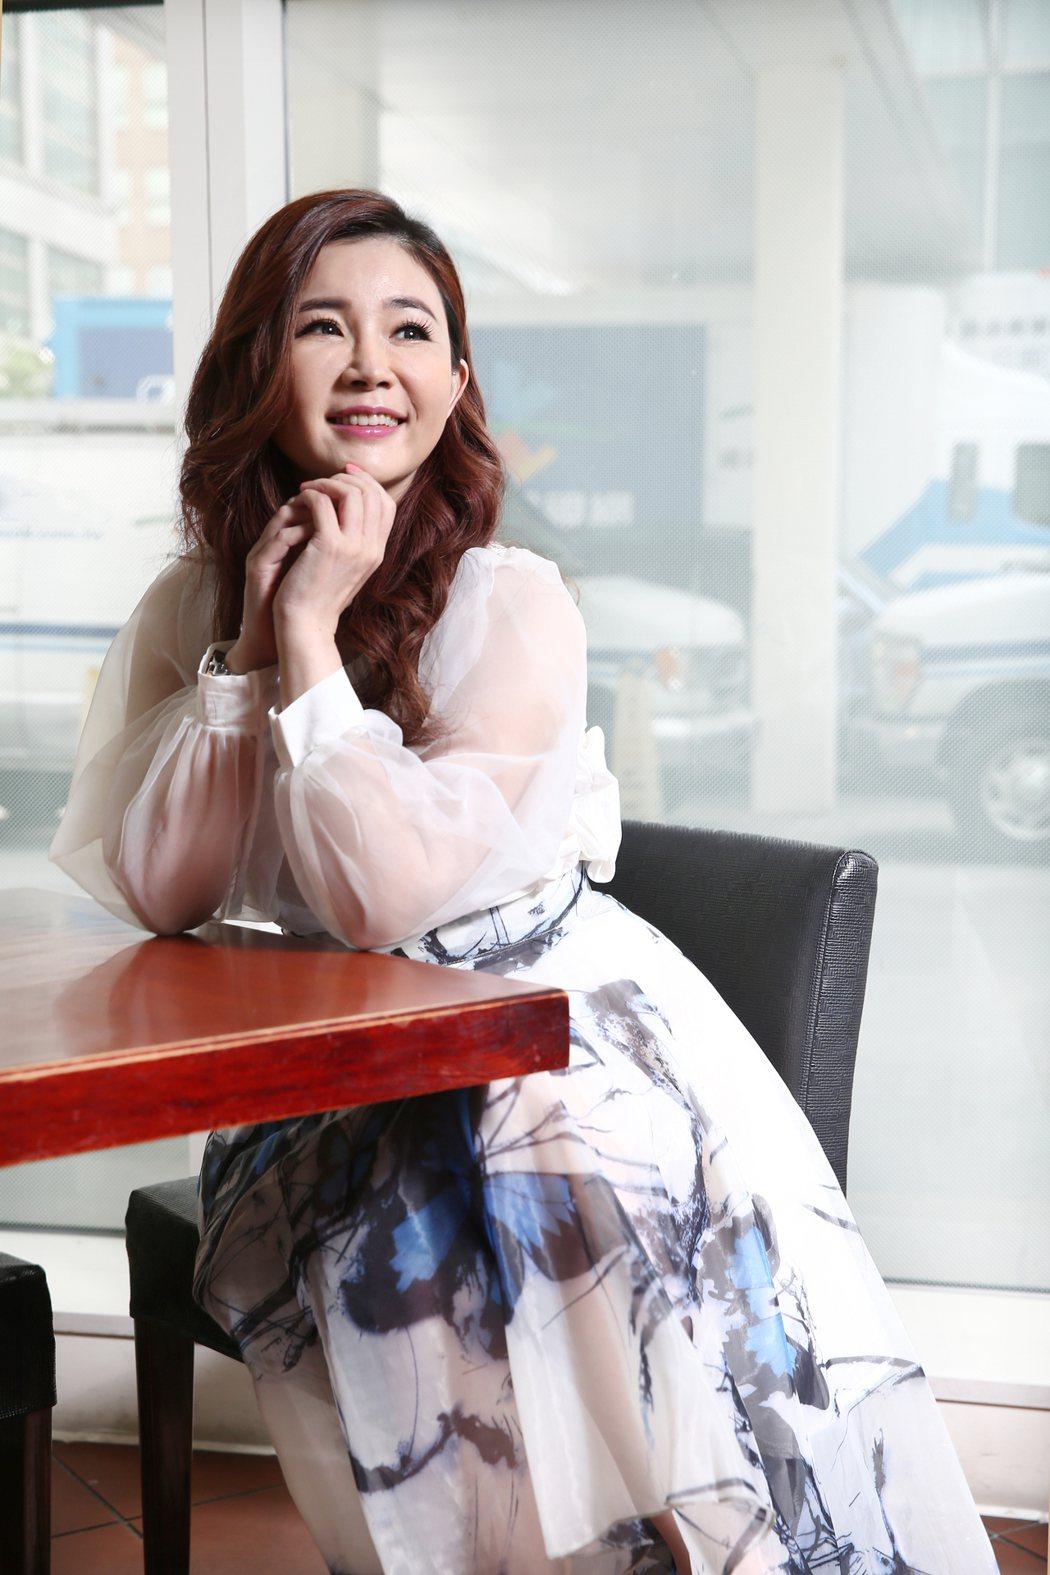 黃思婷推出新專輯「風中淚」,象徵自己浴火重生。記者蘇健忠/攝影